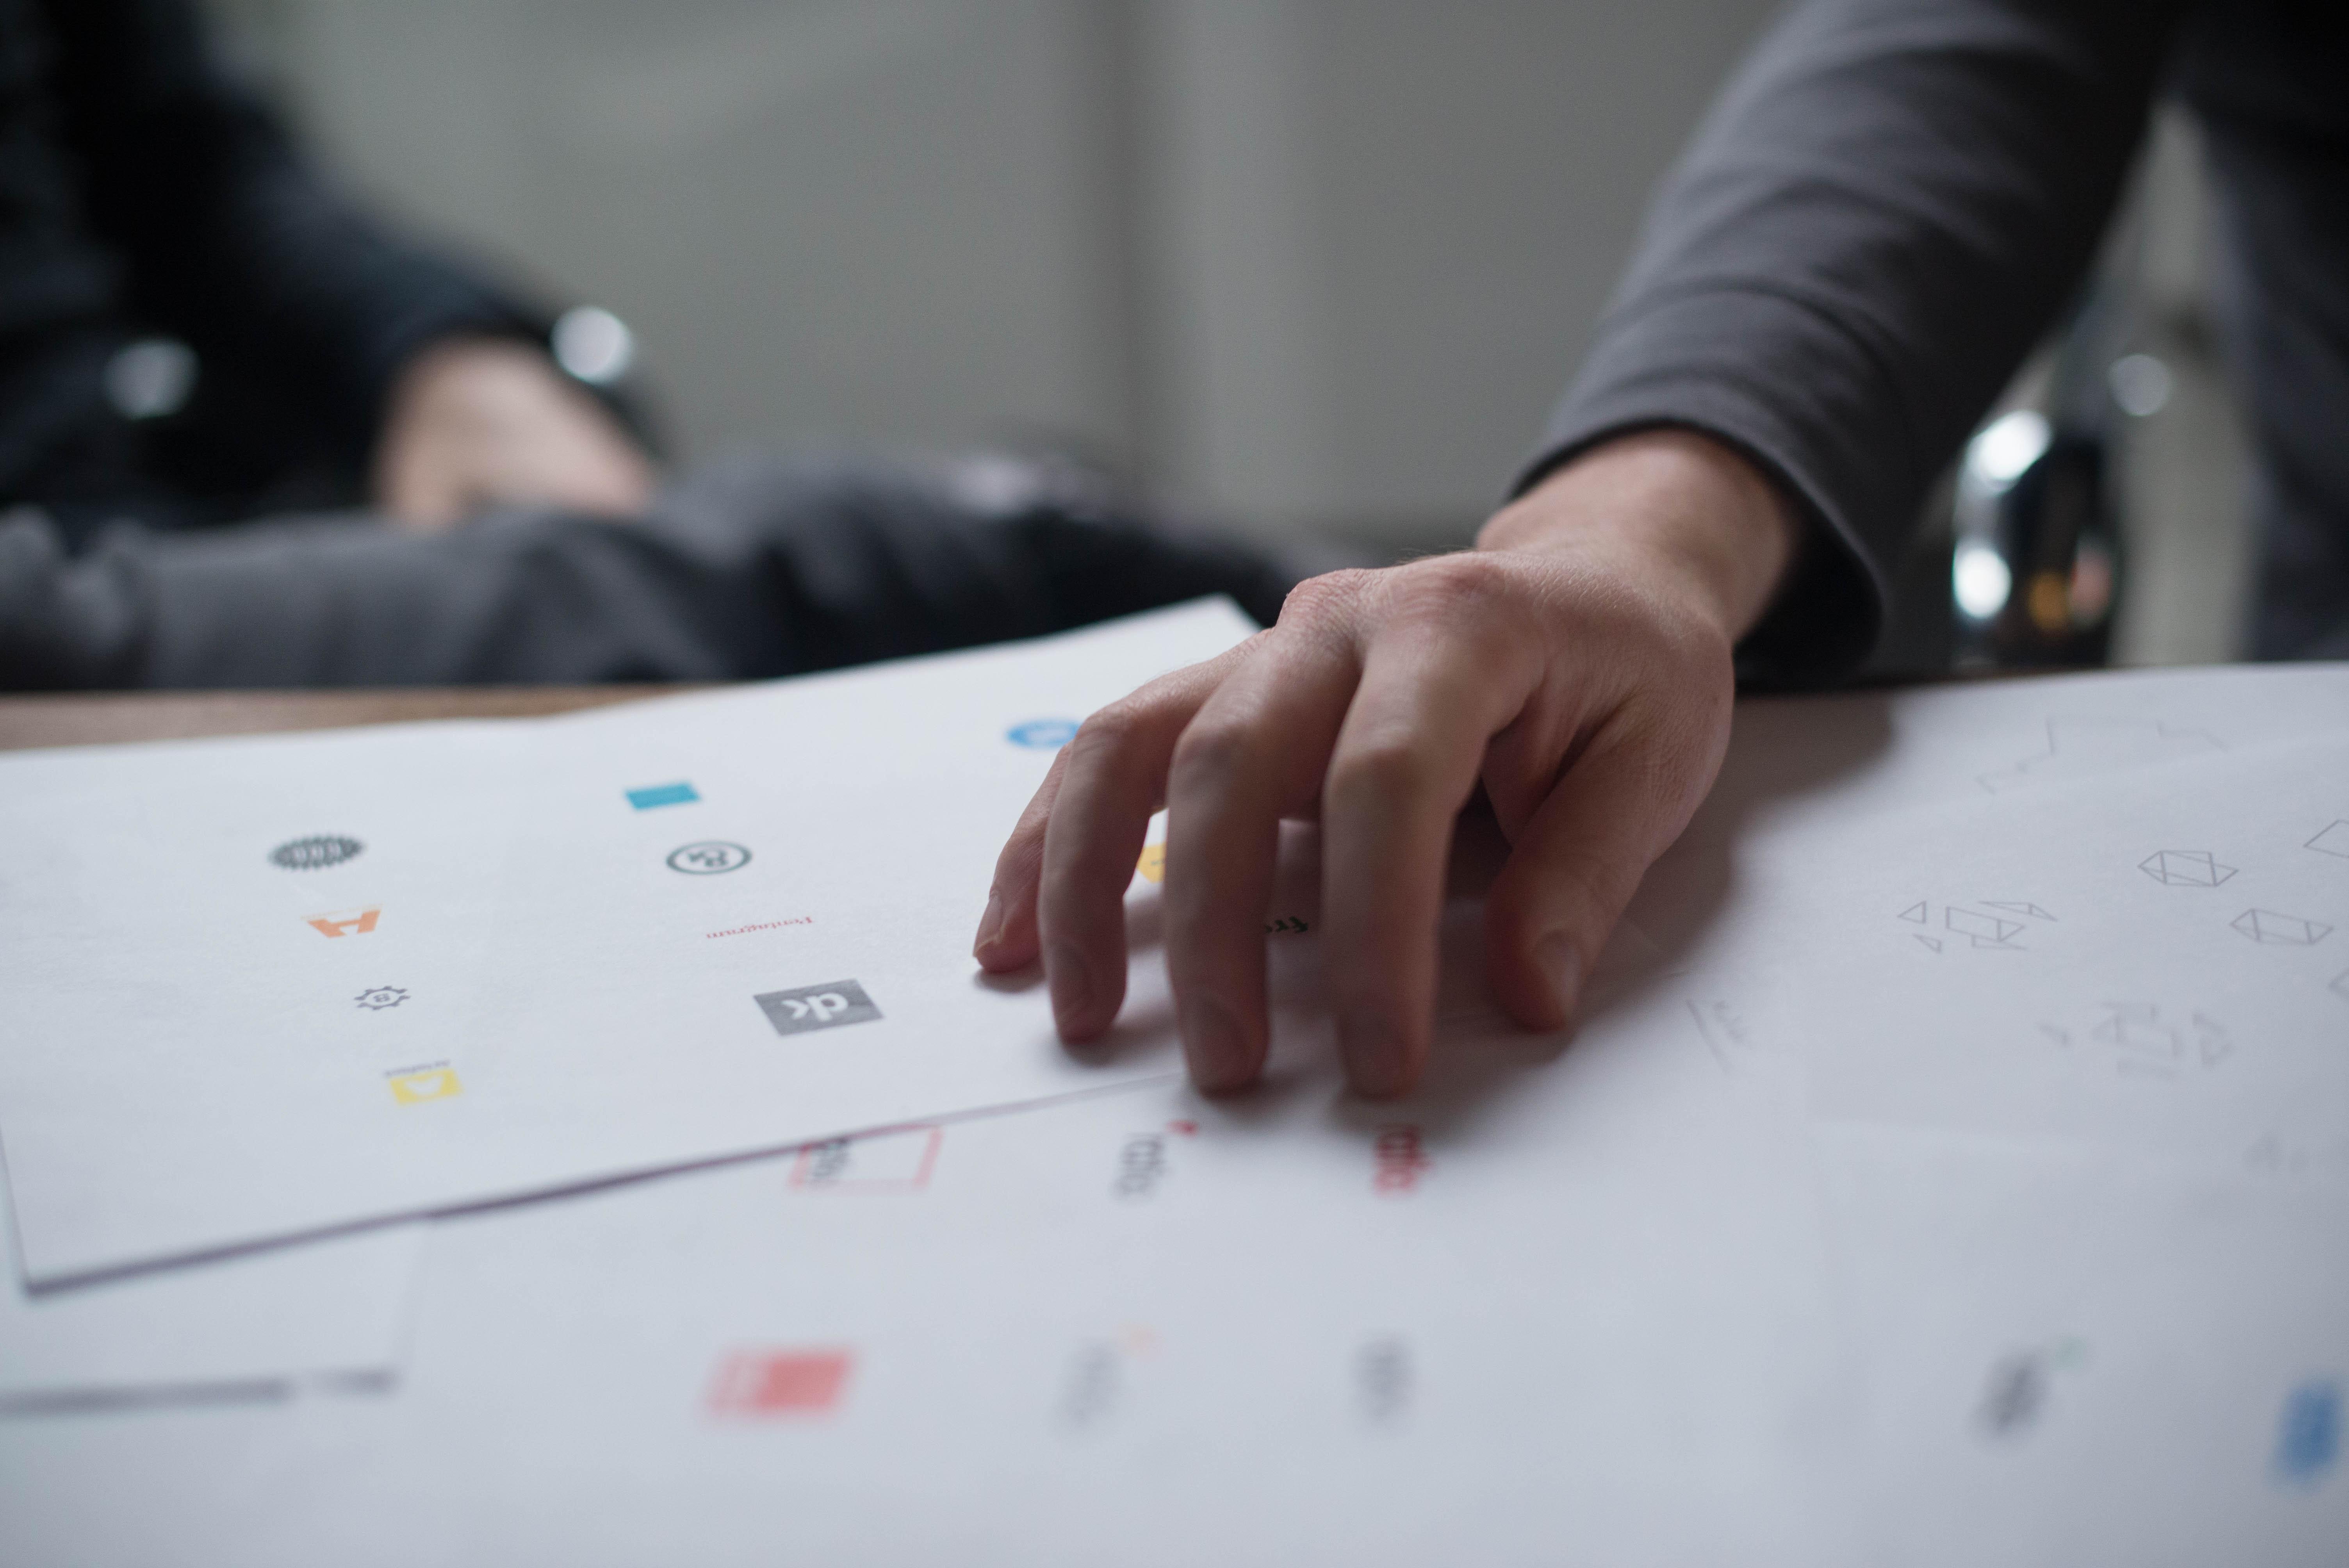 critique-design-designer-17845